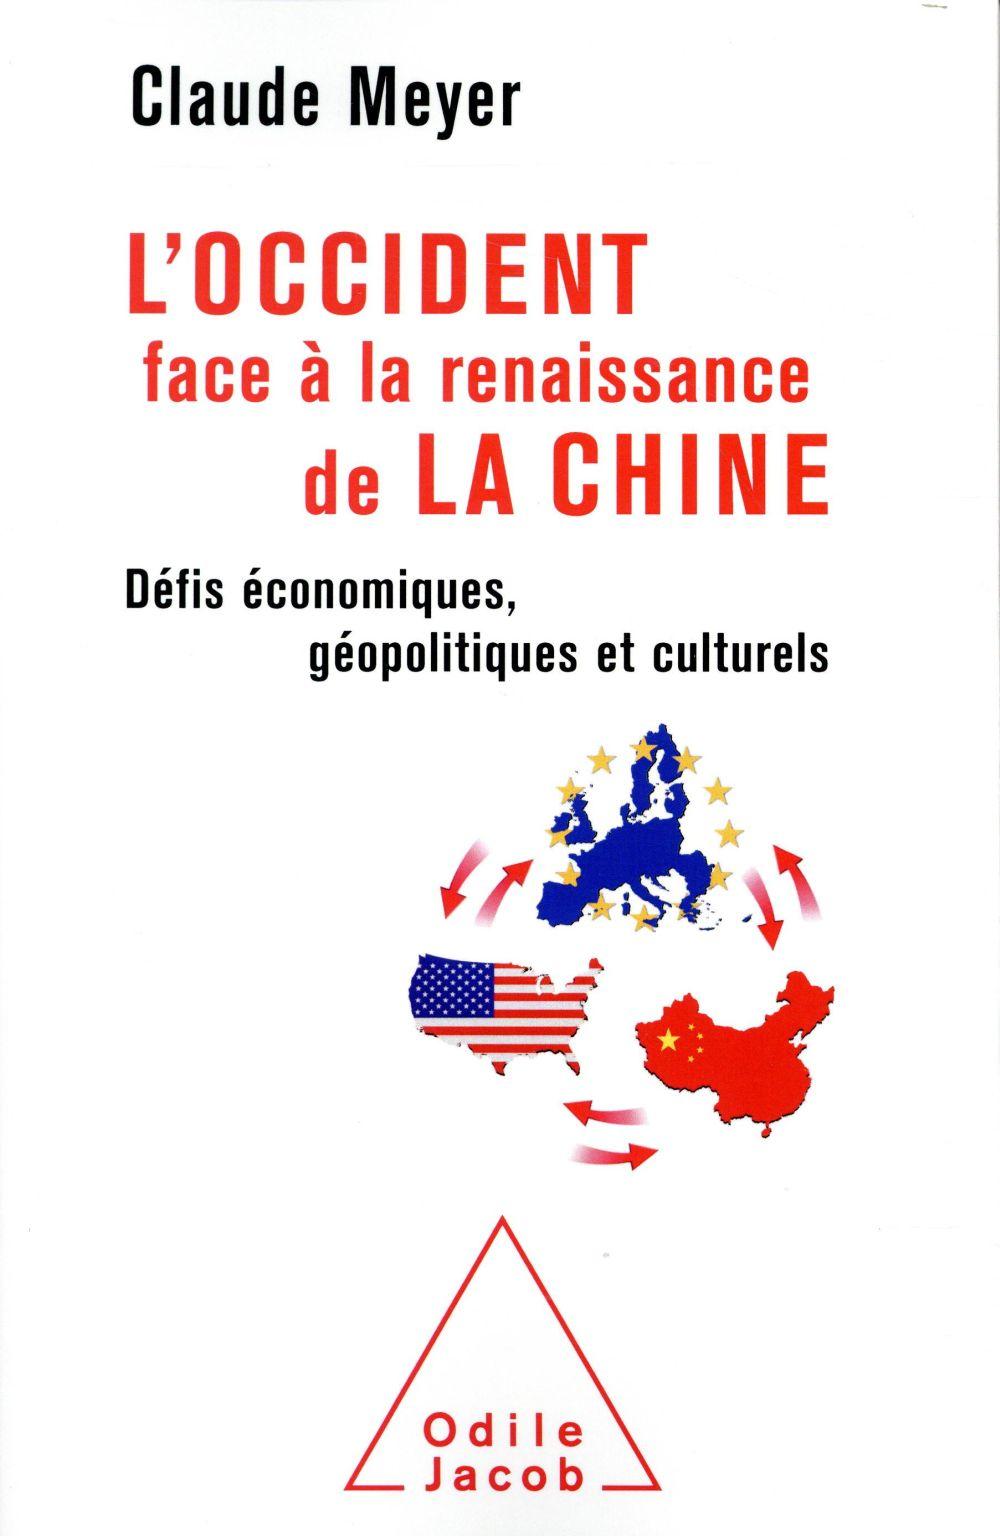 L'occident face à la renaissance de la Chine ; défis économiques, géopolitiques et culturels